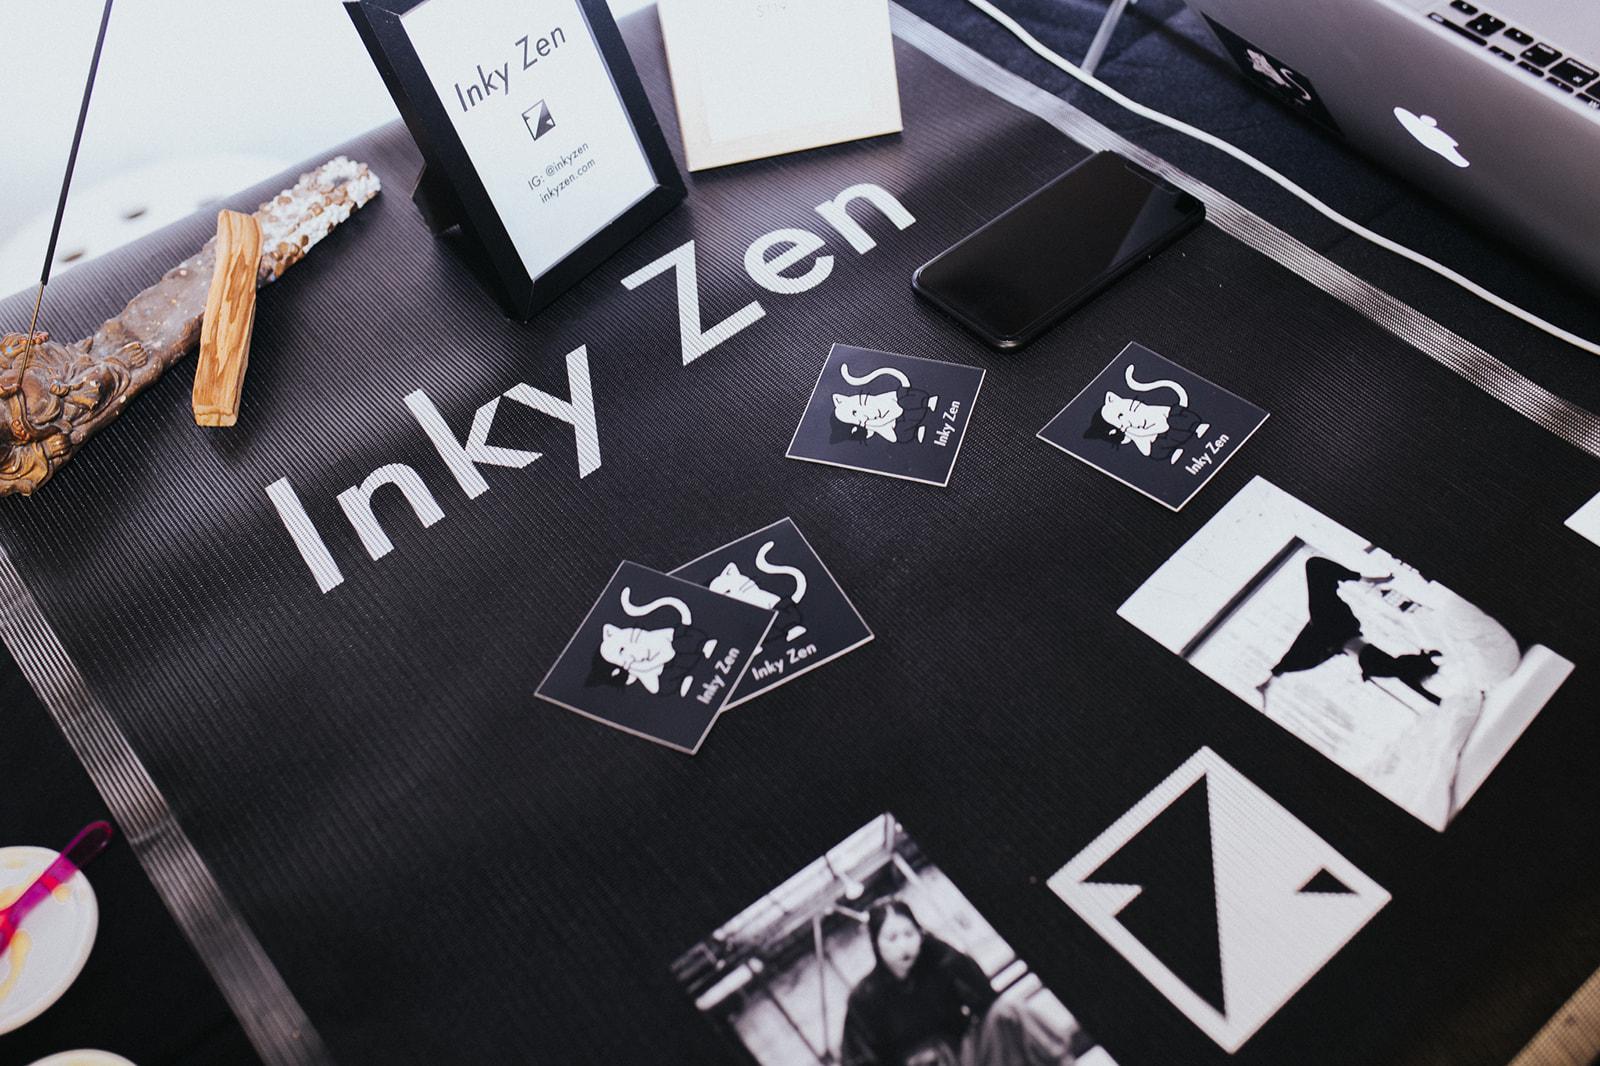 Inky Zen